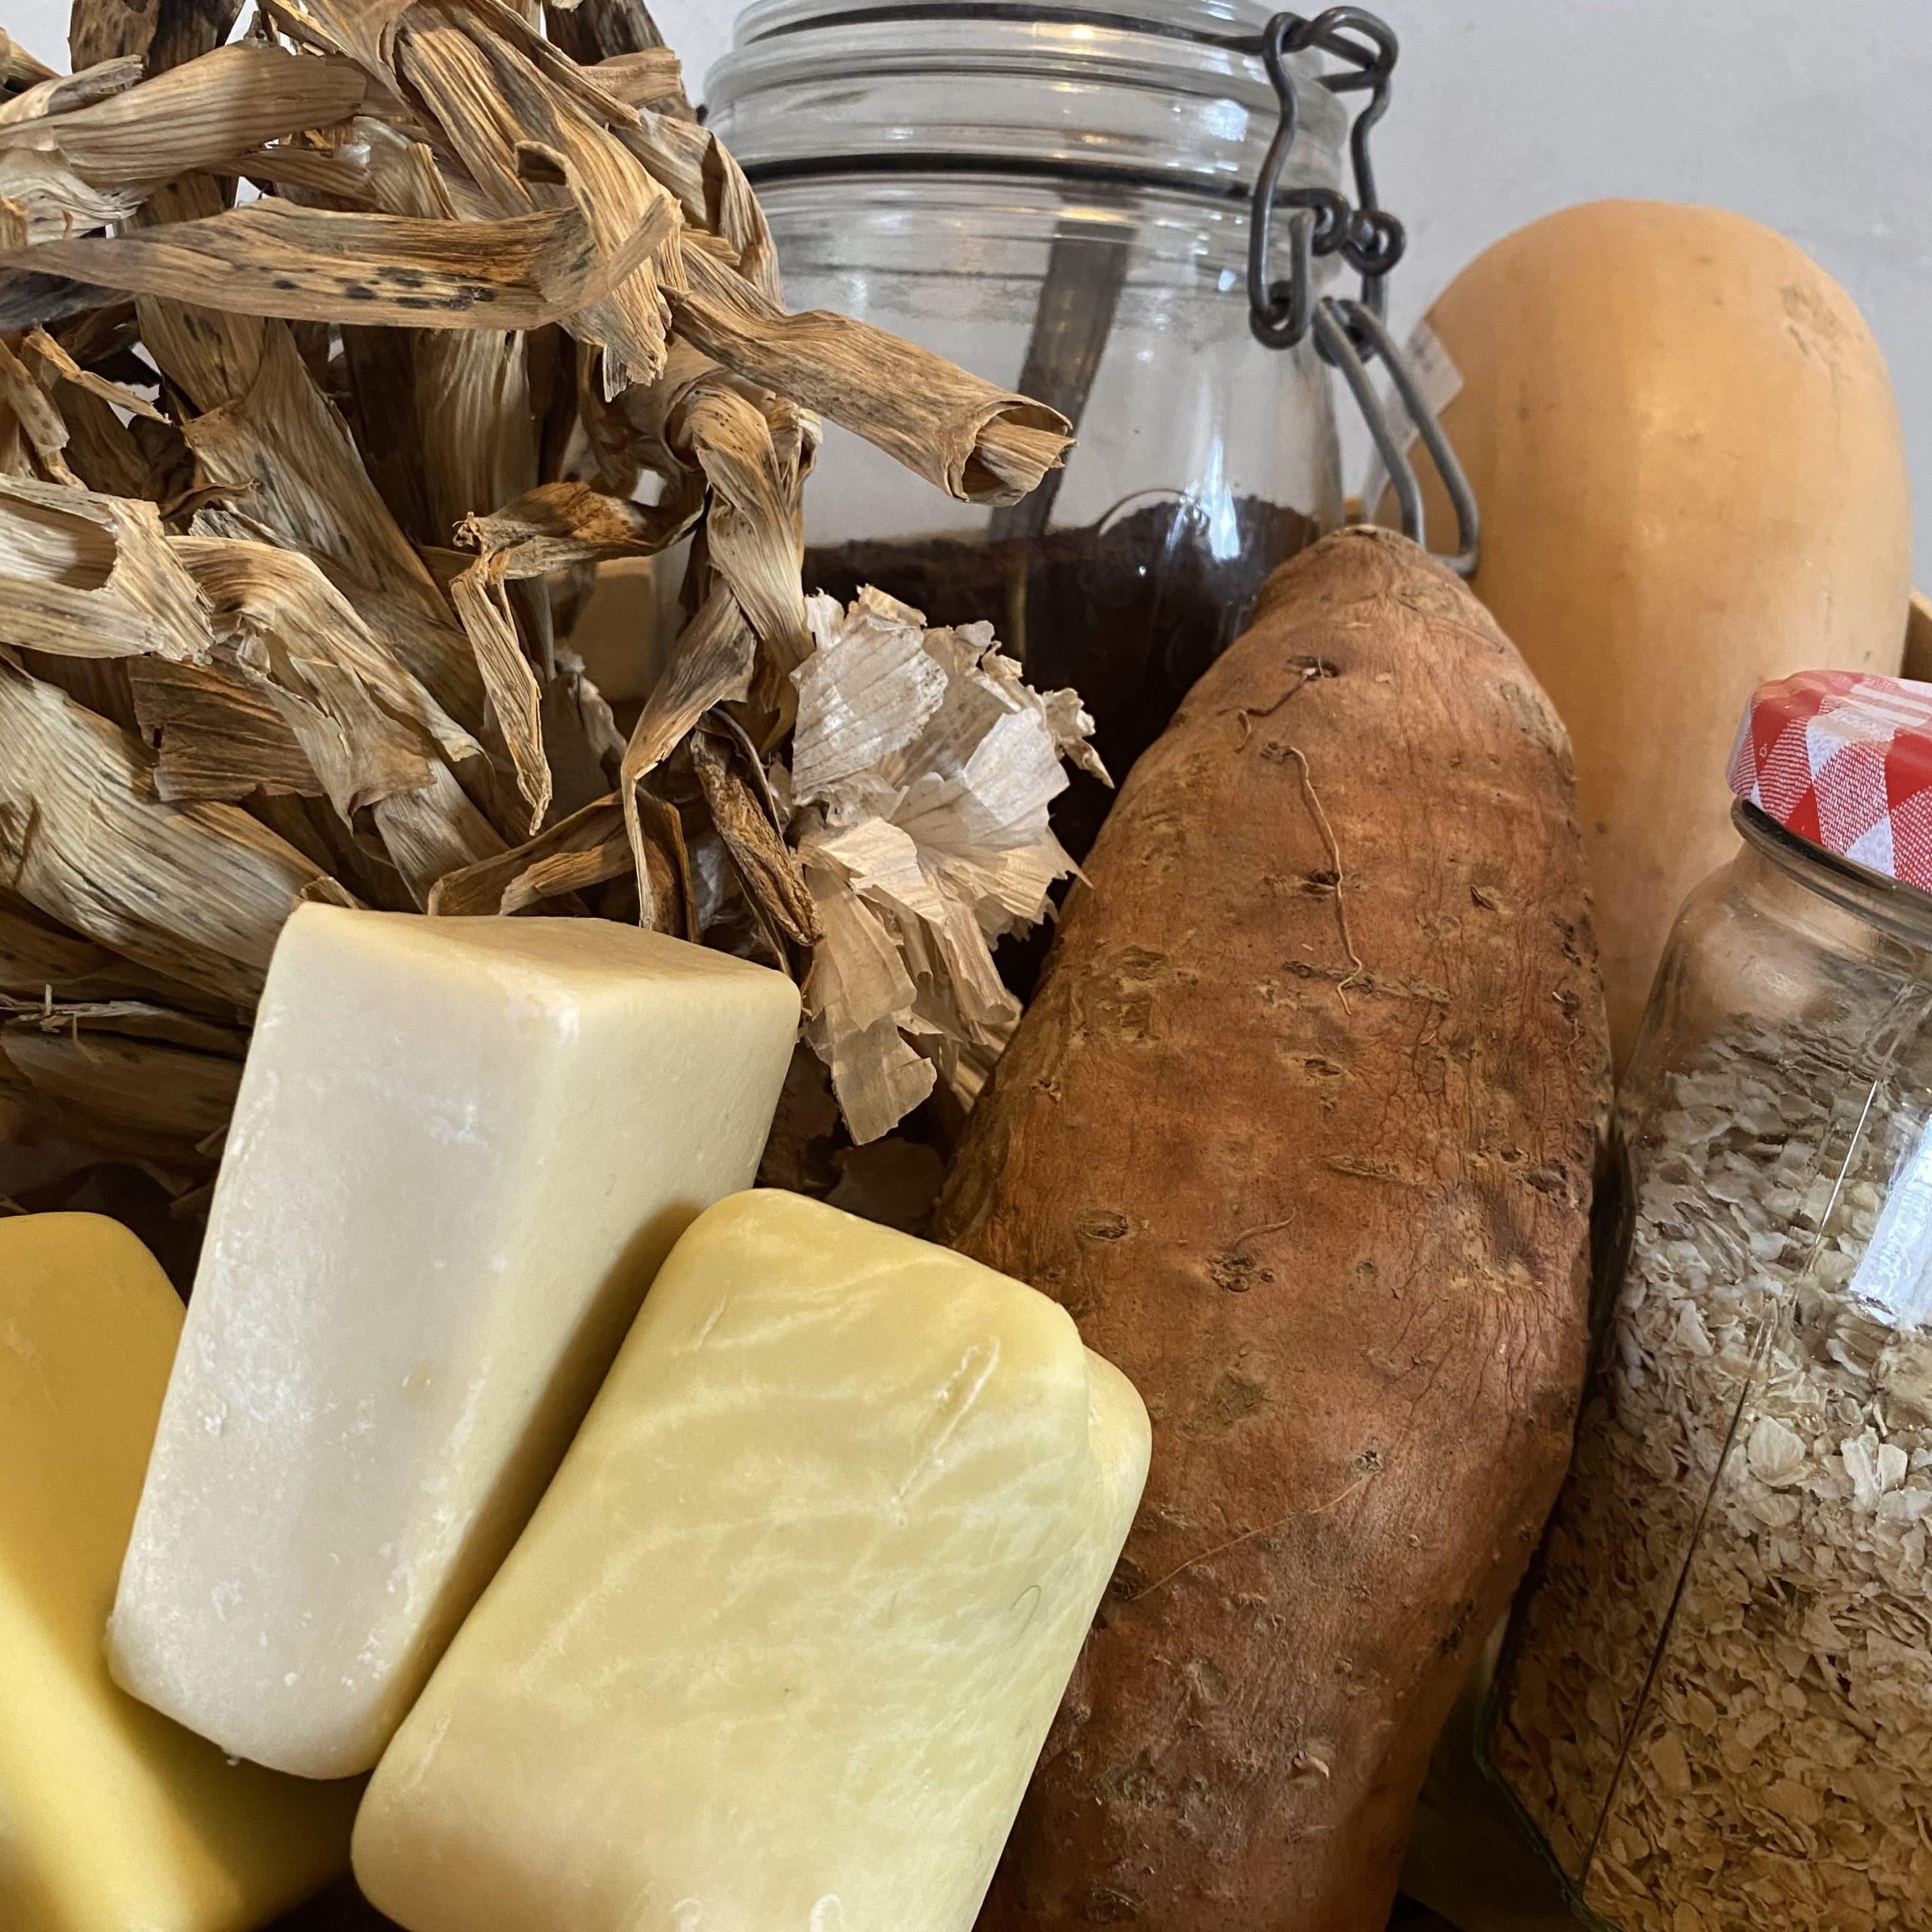 Journée recyclage savon patachons cosmétiques naturels